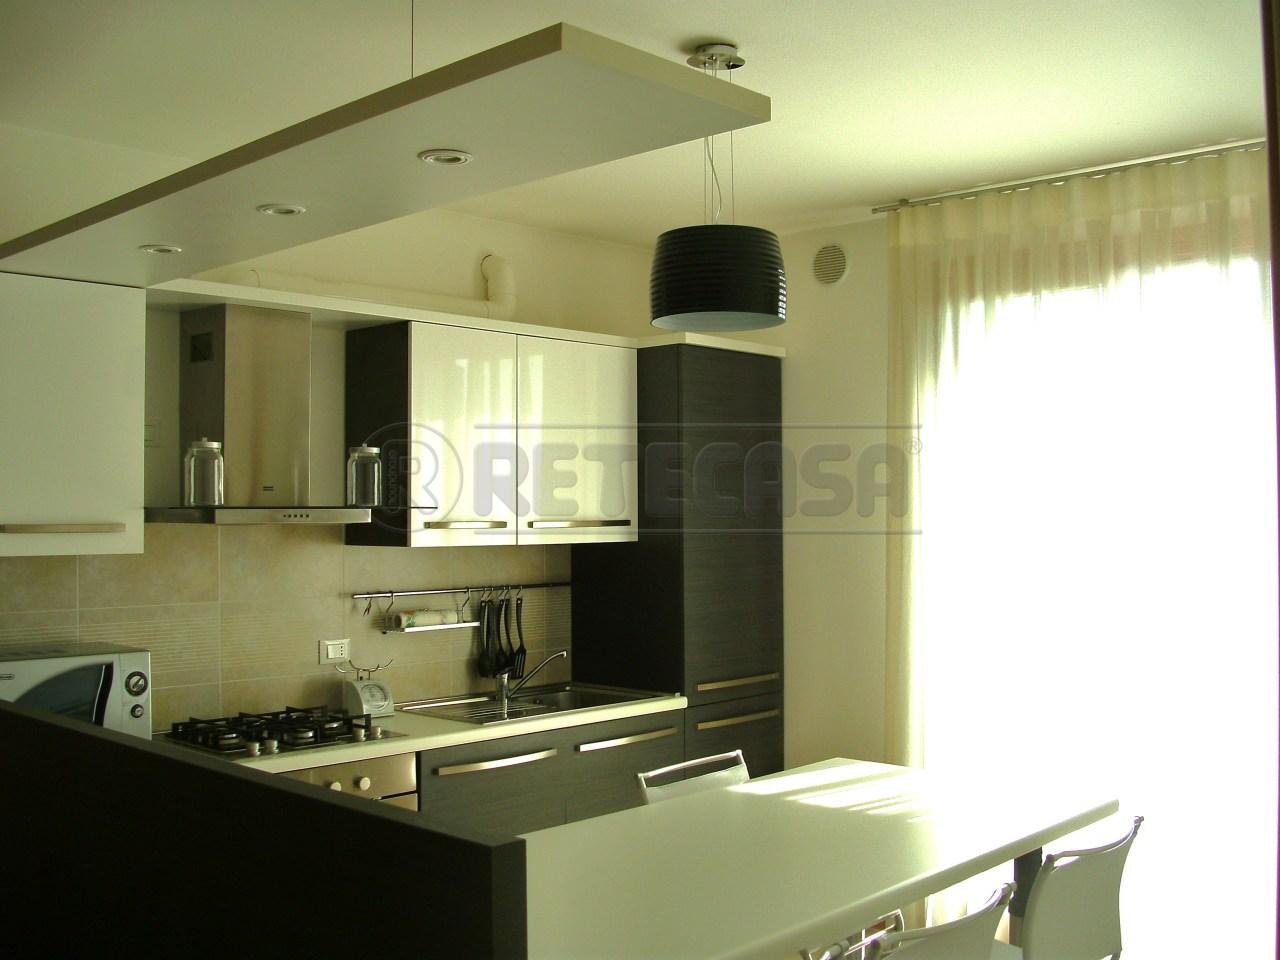 Appartamento in vendita a Villanova di Camposampiero, 9999 locali, prezzo € 85.000 | Cambio Casa.it